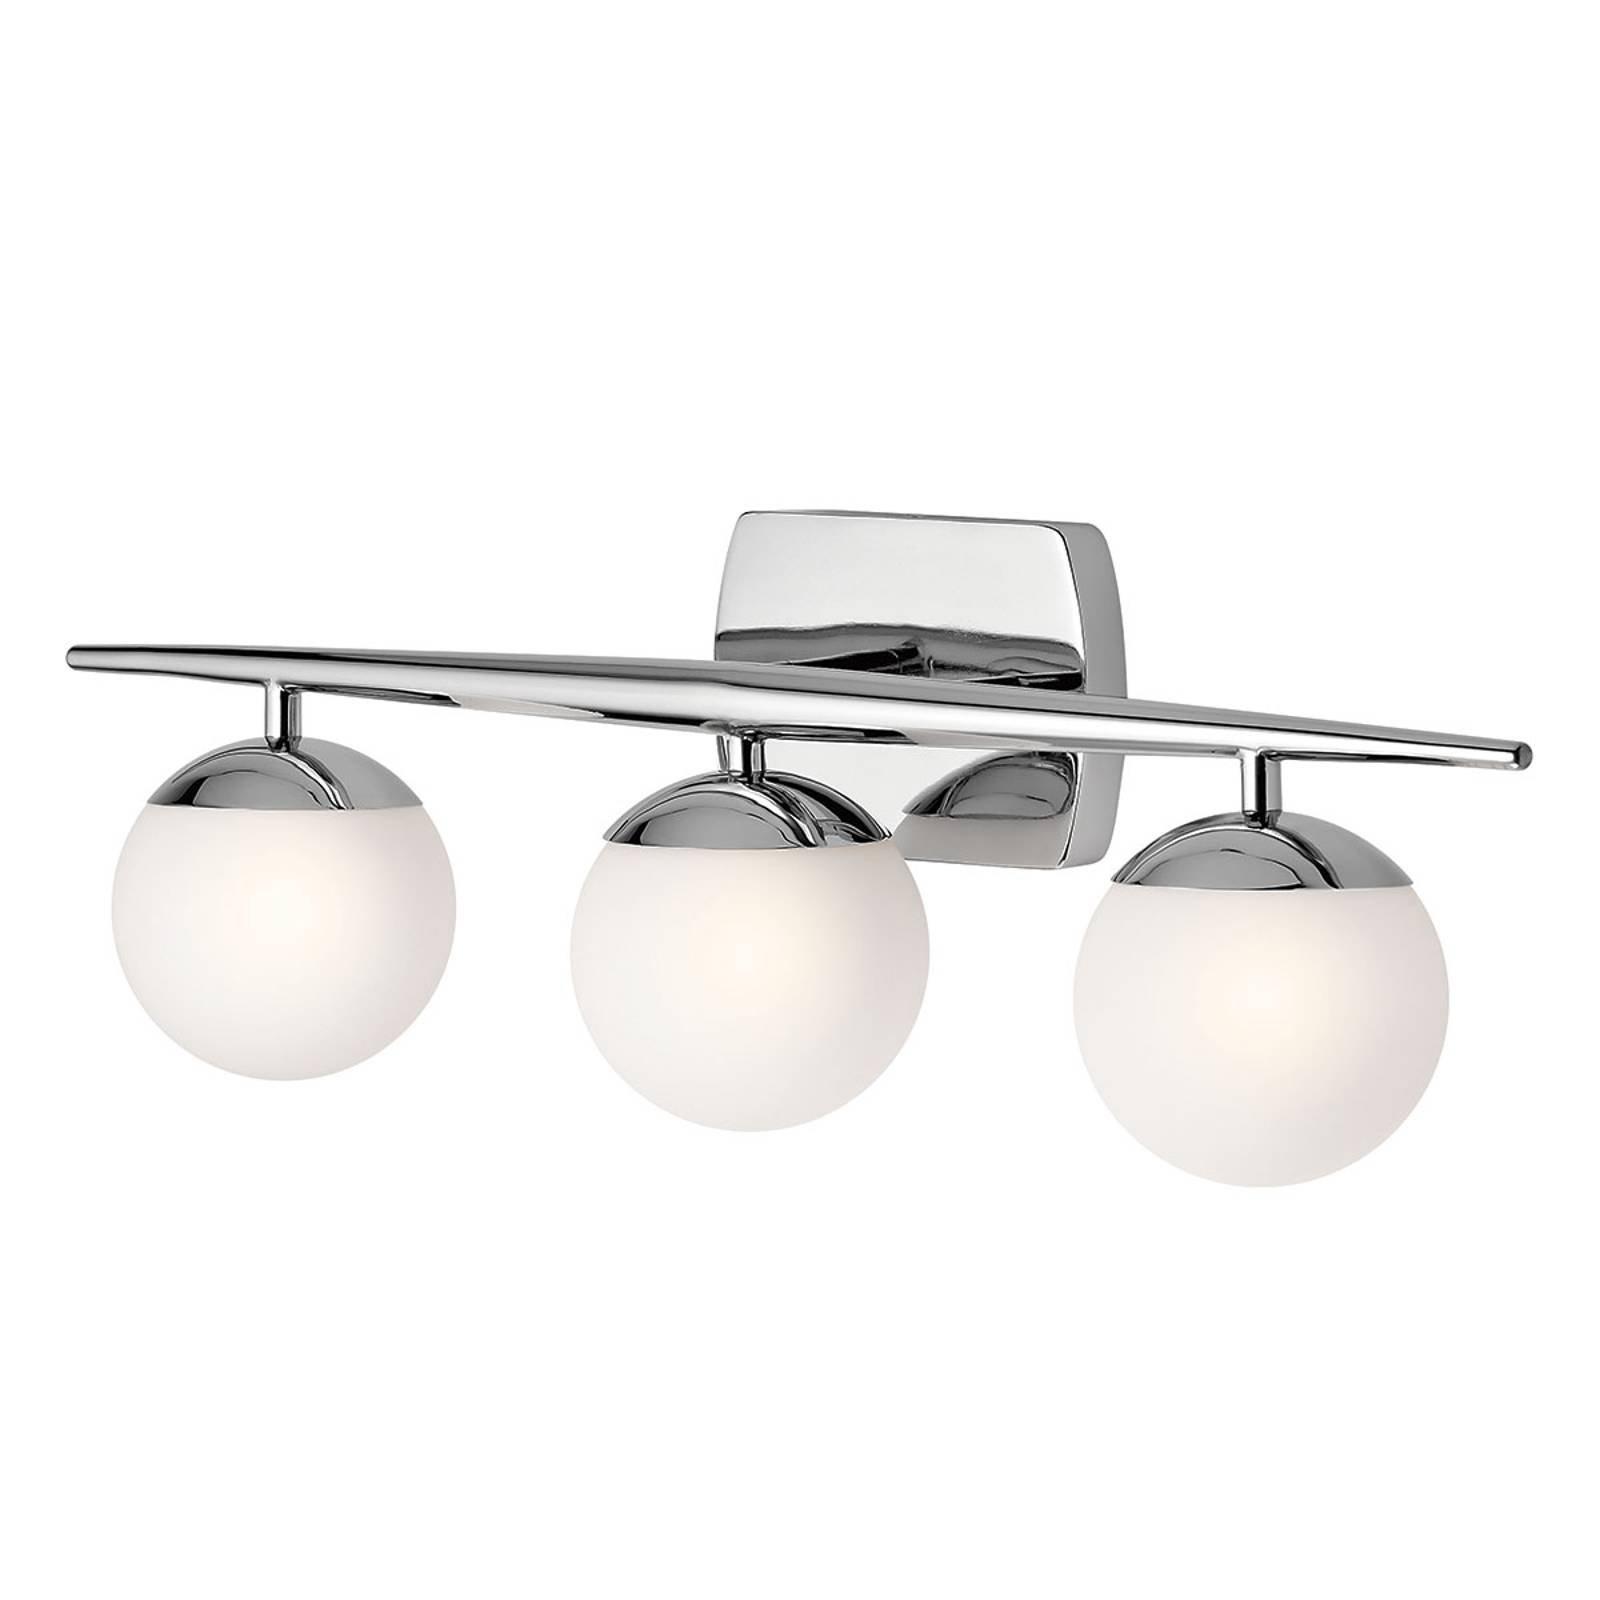 LED-vegglampe til bad Jasper, 3 lyskilde